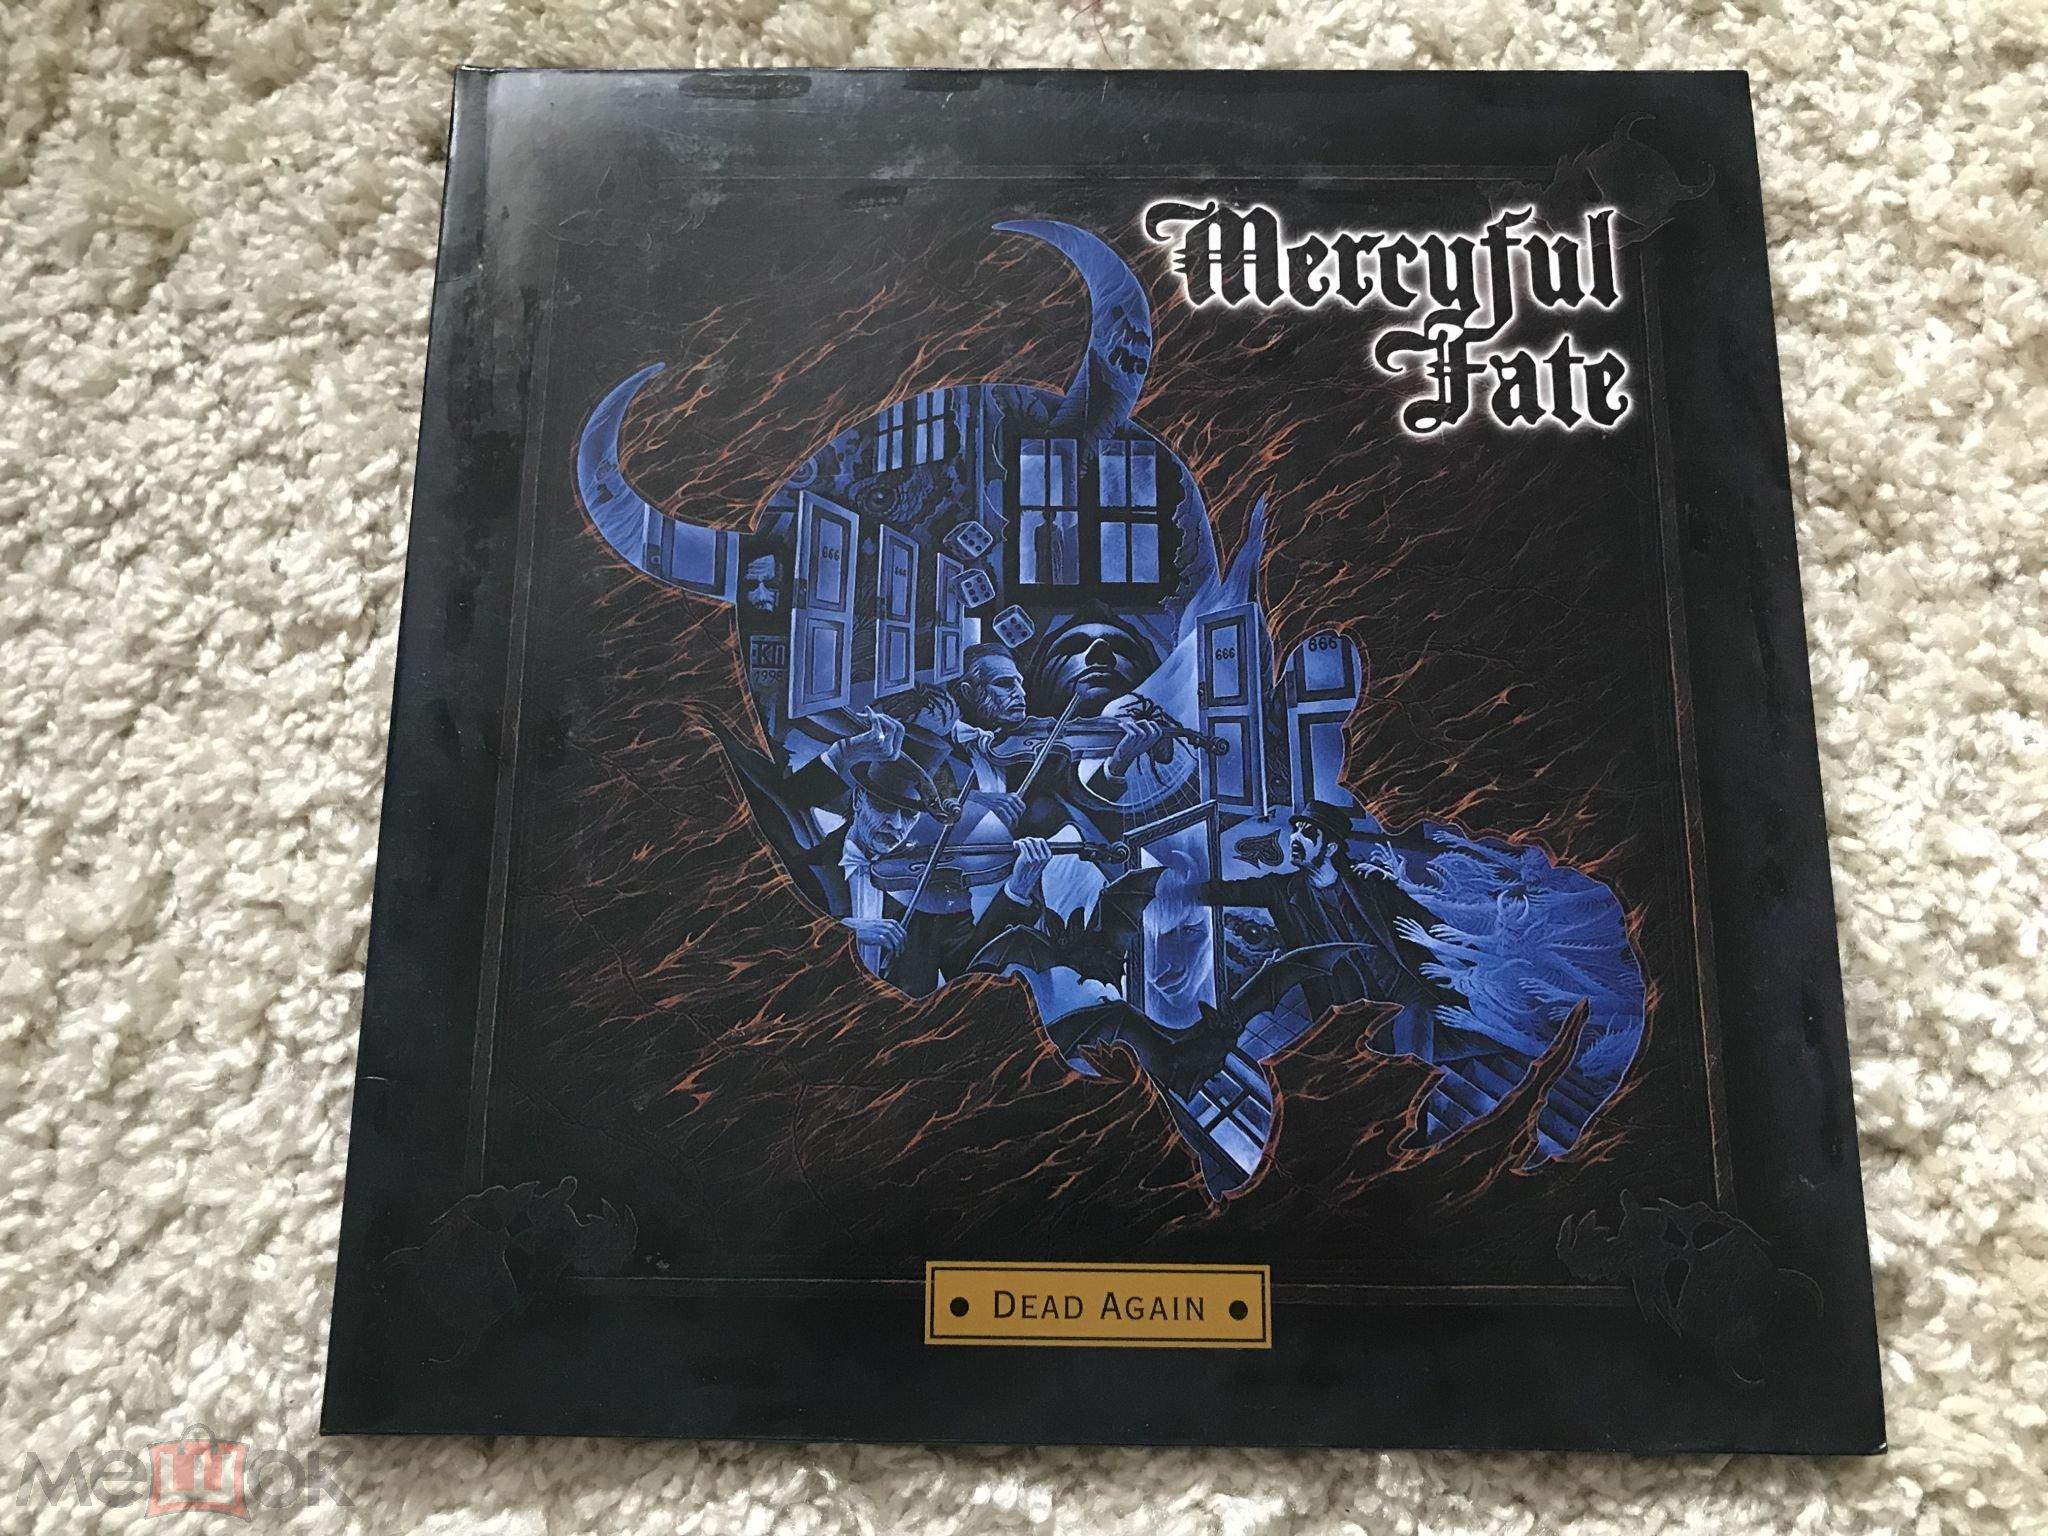 MERCYFUL FATE-Dead Again 2LP 1-пресс Gatefold